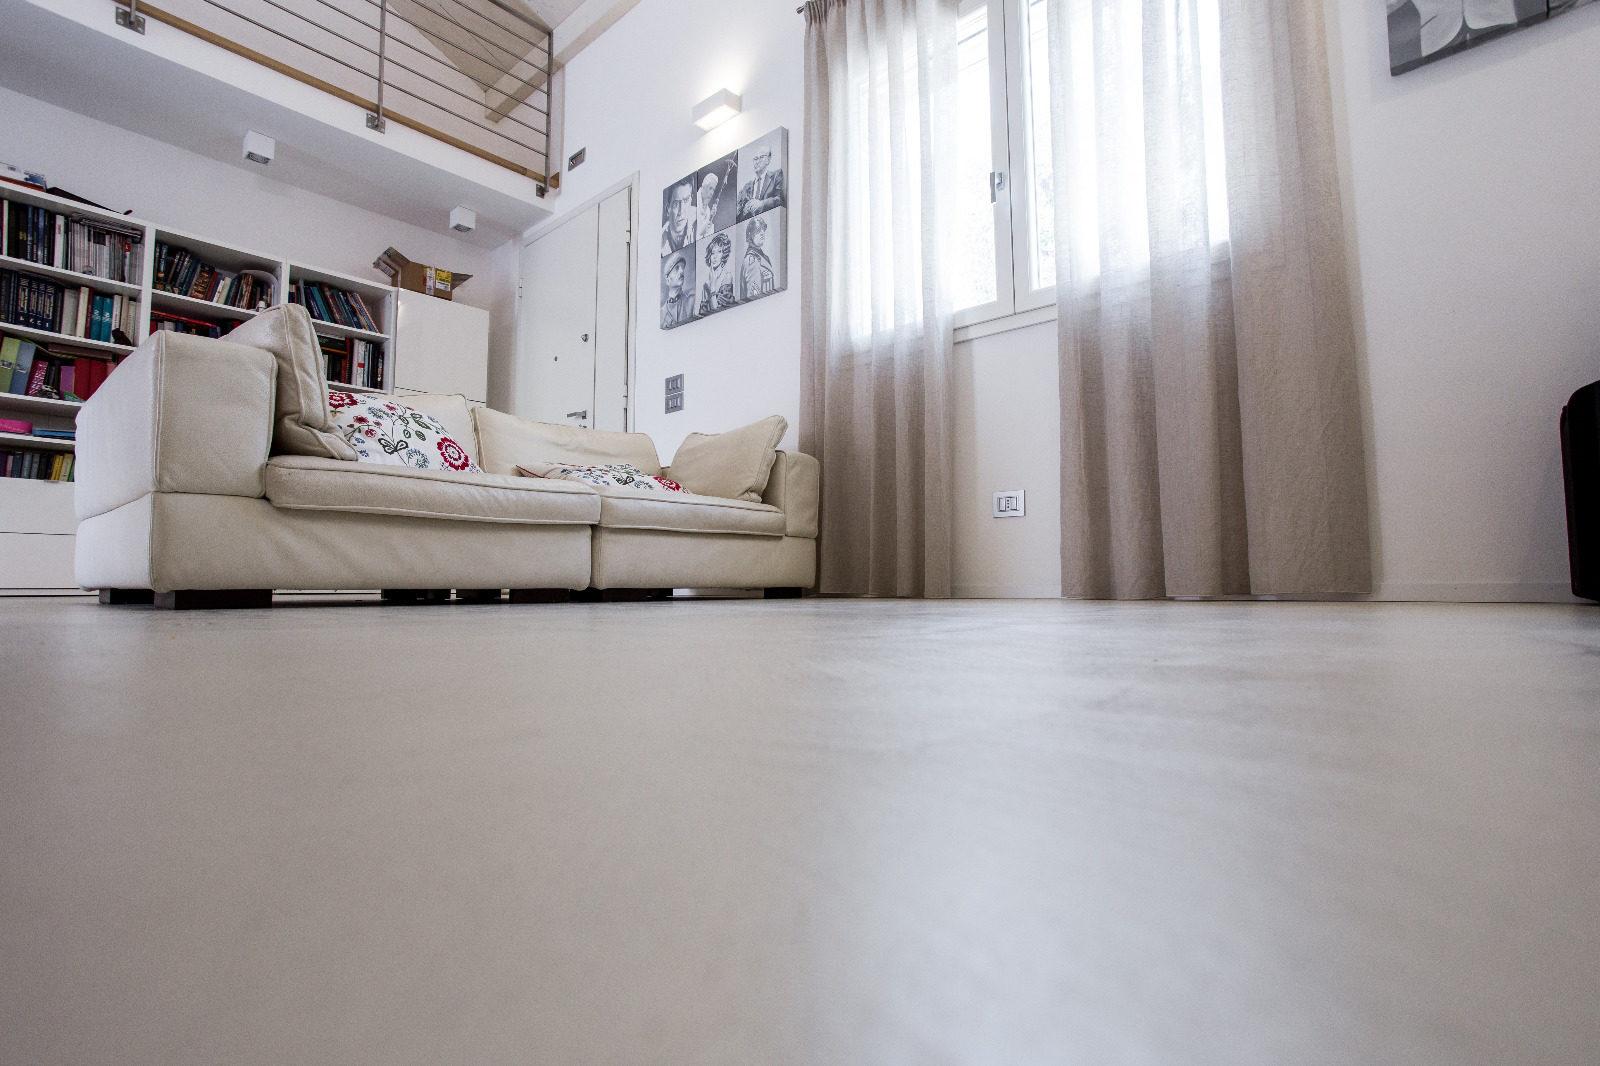 Pavimenti in Biomalta, Malta per Pavimenti - Resiworld - Le biomalte sono ideale per rinnovare i pavimenti ad ambienti privati e pubblici, negozi, uffici... Contattaci! Per qualunque necessità, per un sopralluogo o una quotazione del lavoro, Preventivi per rivestimenti in biomalta e Render gratuito.